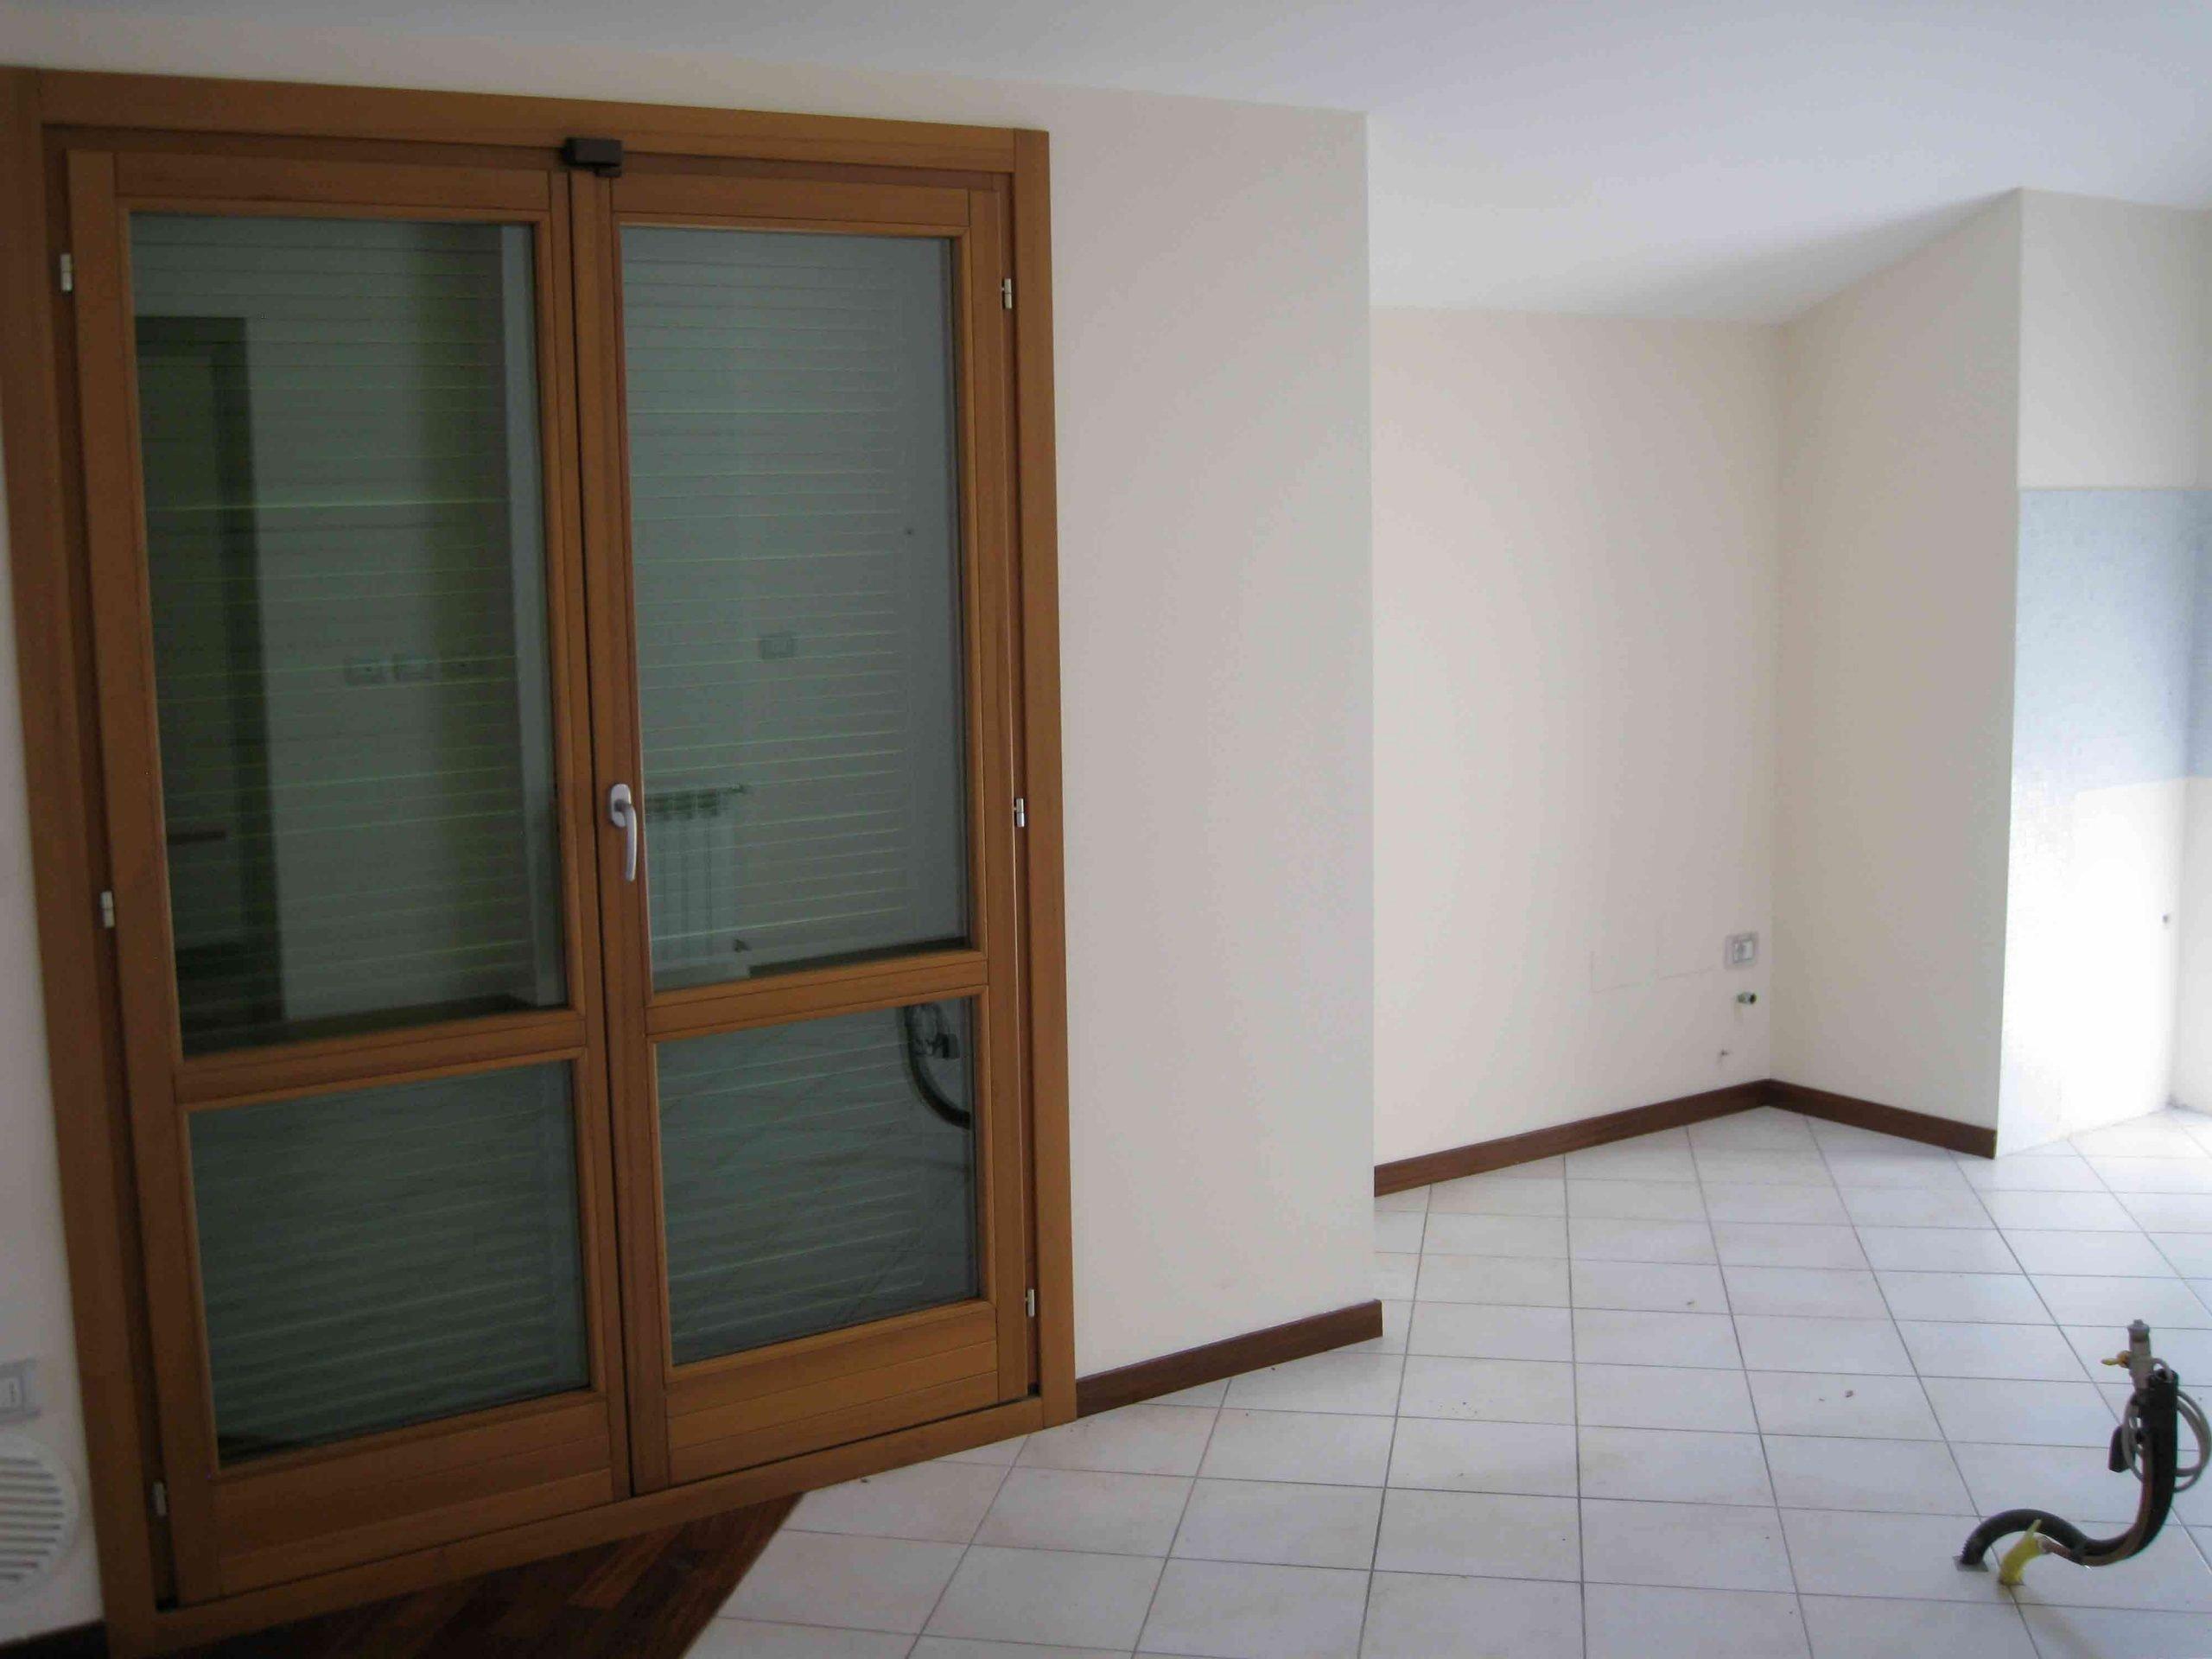 Rovere Grigio verde ristrutturazioni interni 12